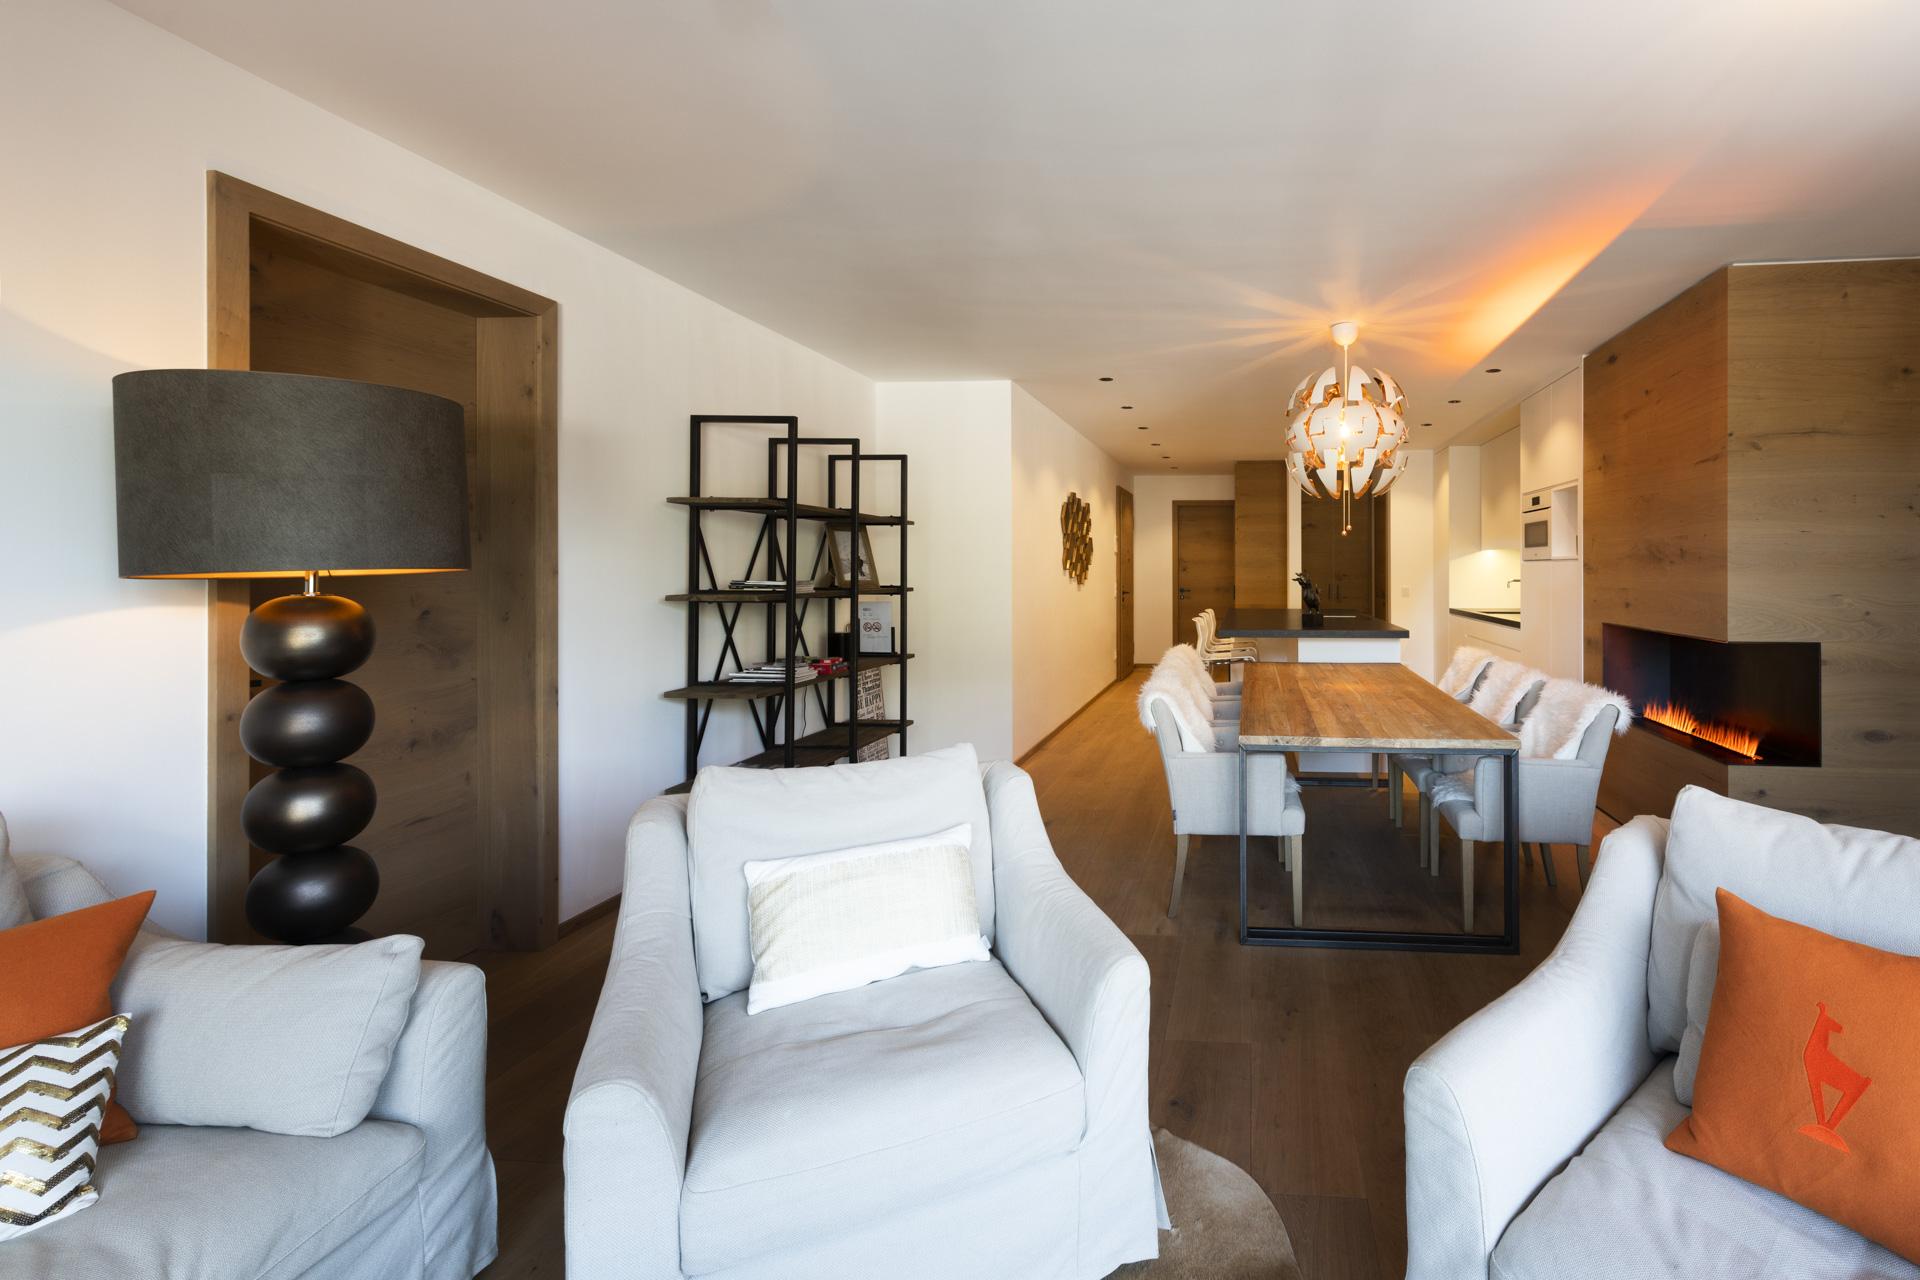 Tischlerei-Decker-Projekte-Wohnung-D-Sofaecke